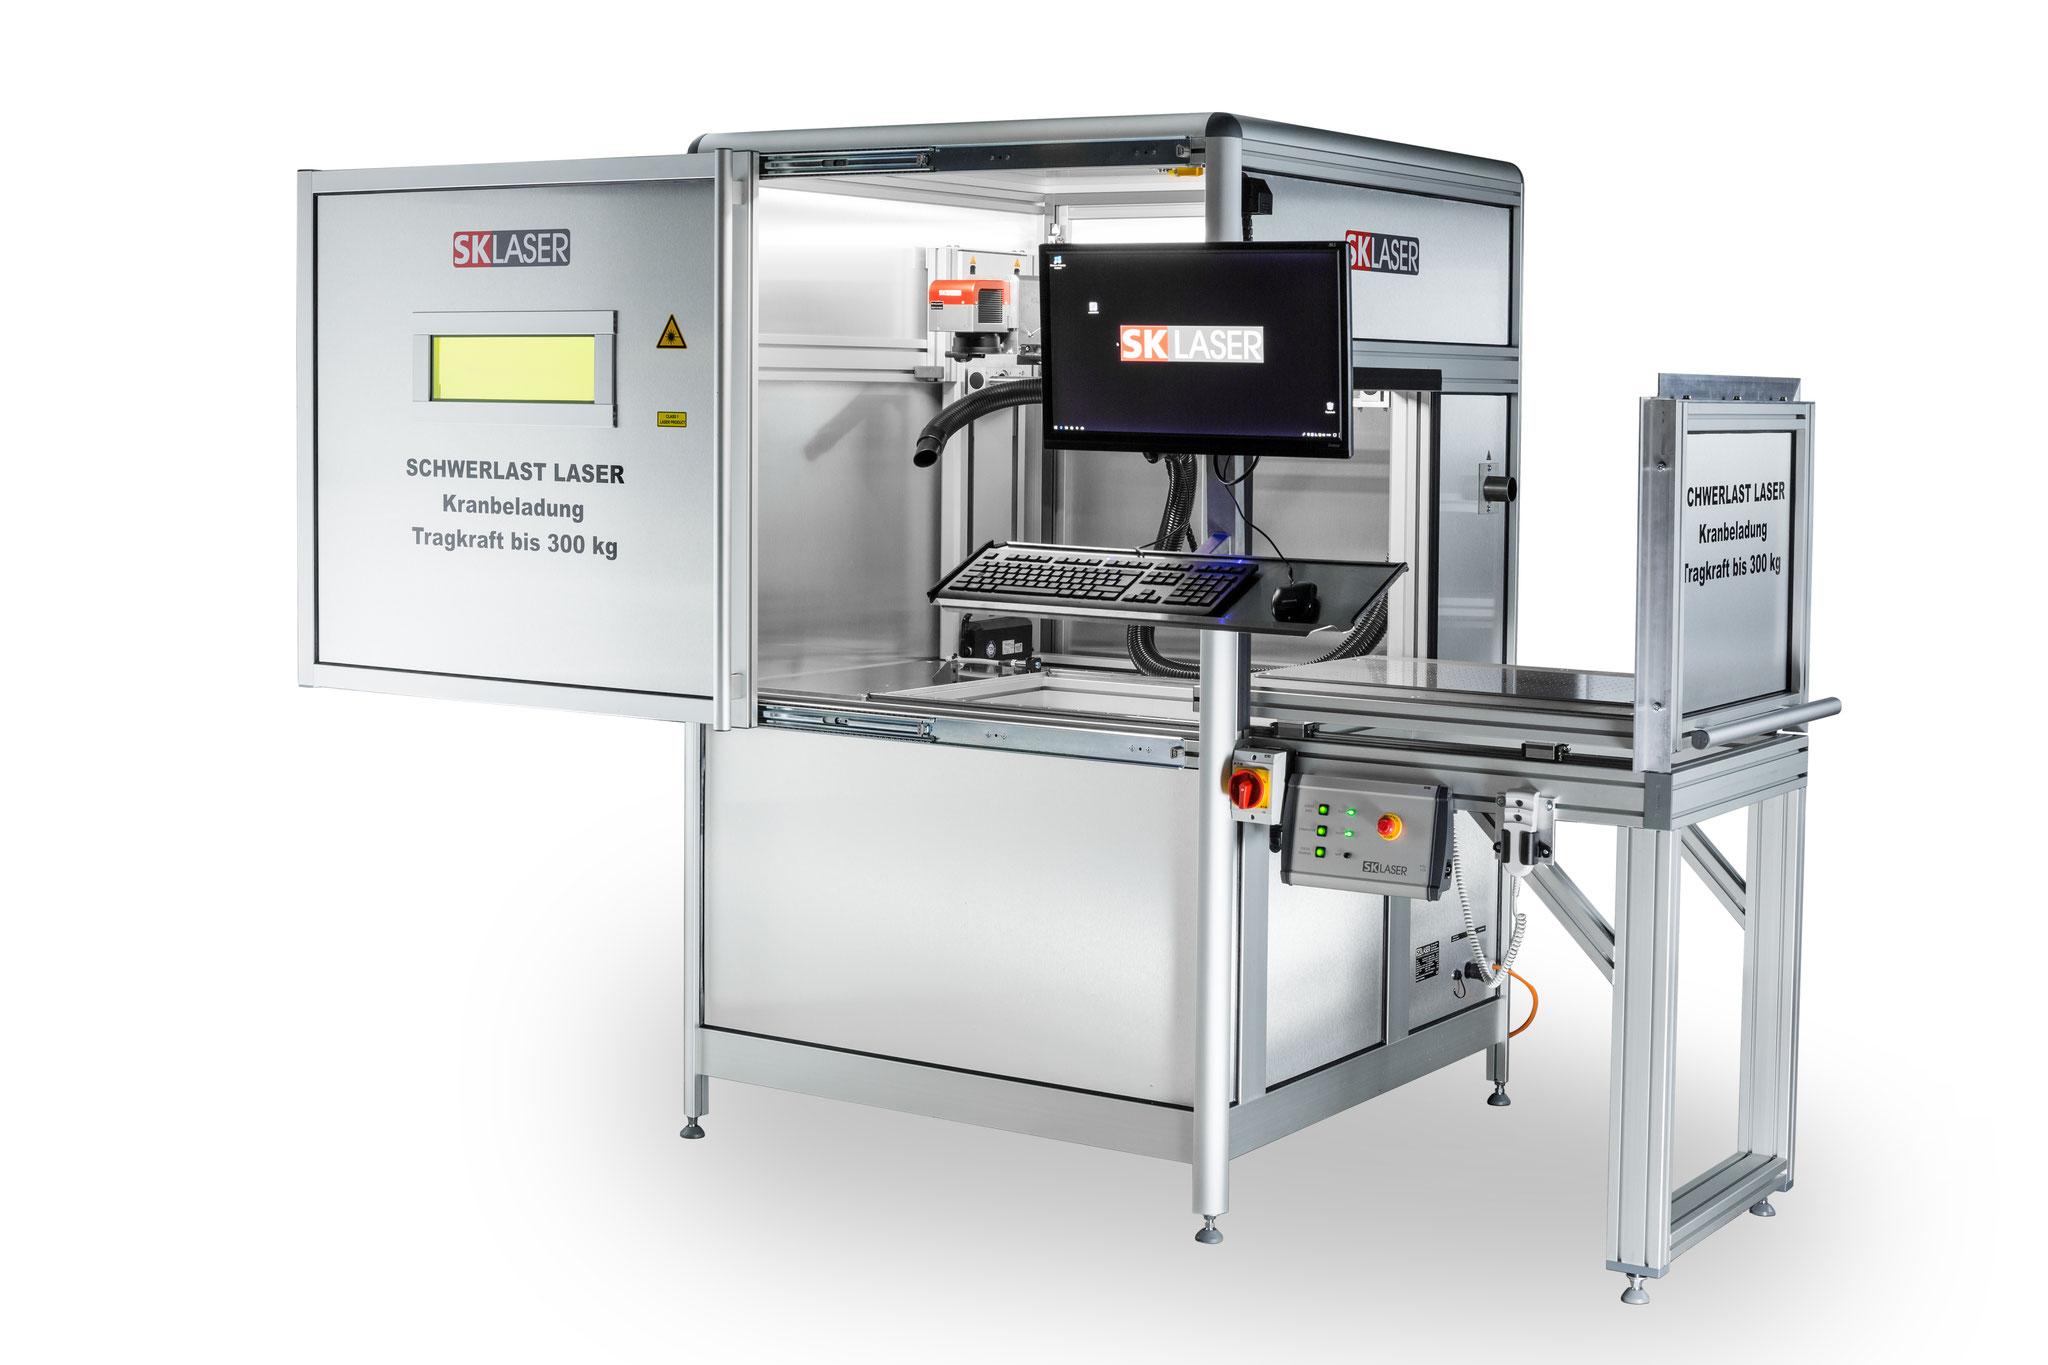 Schwerlast-Lasermaschine